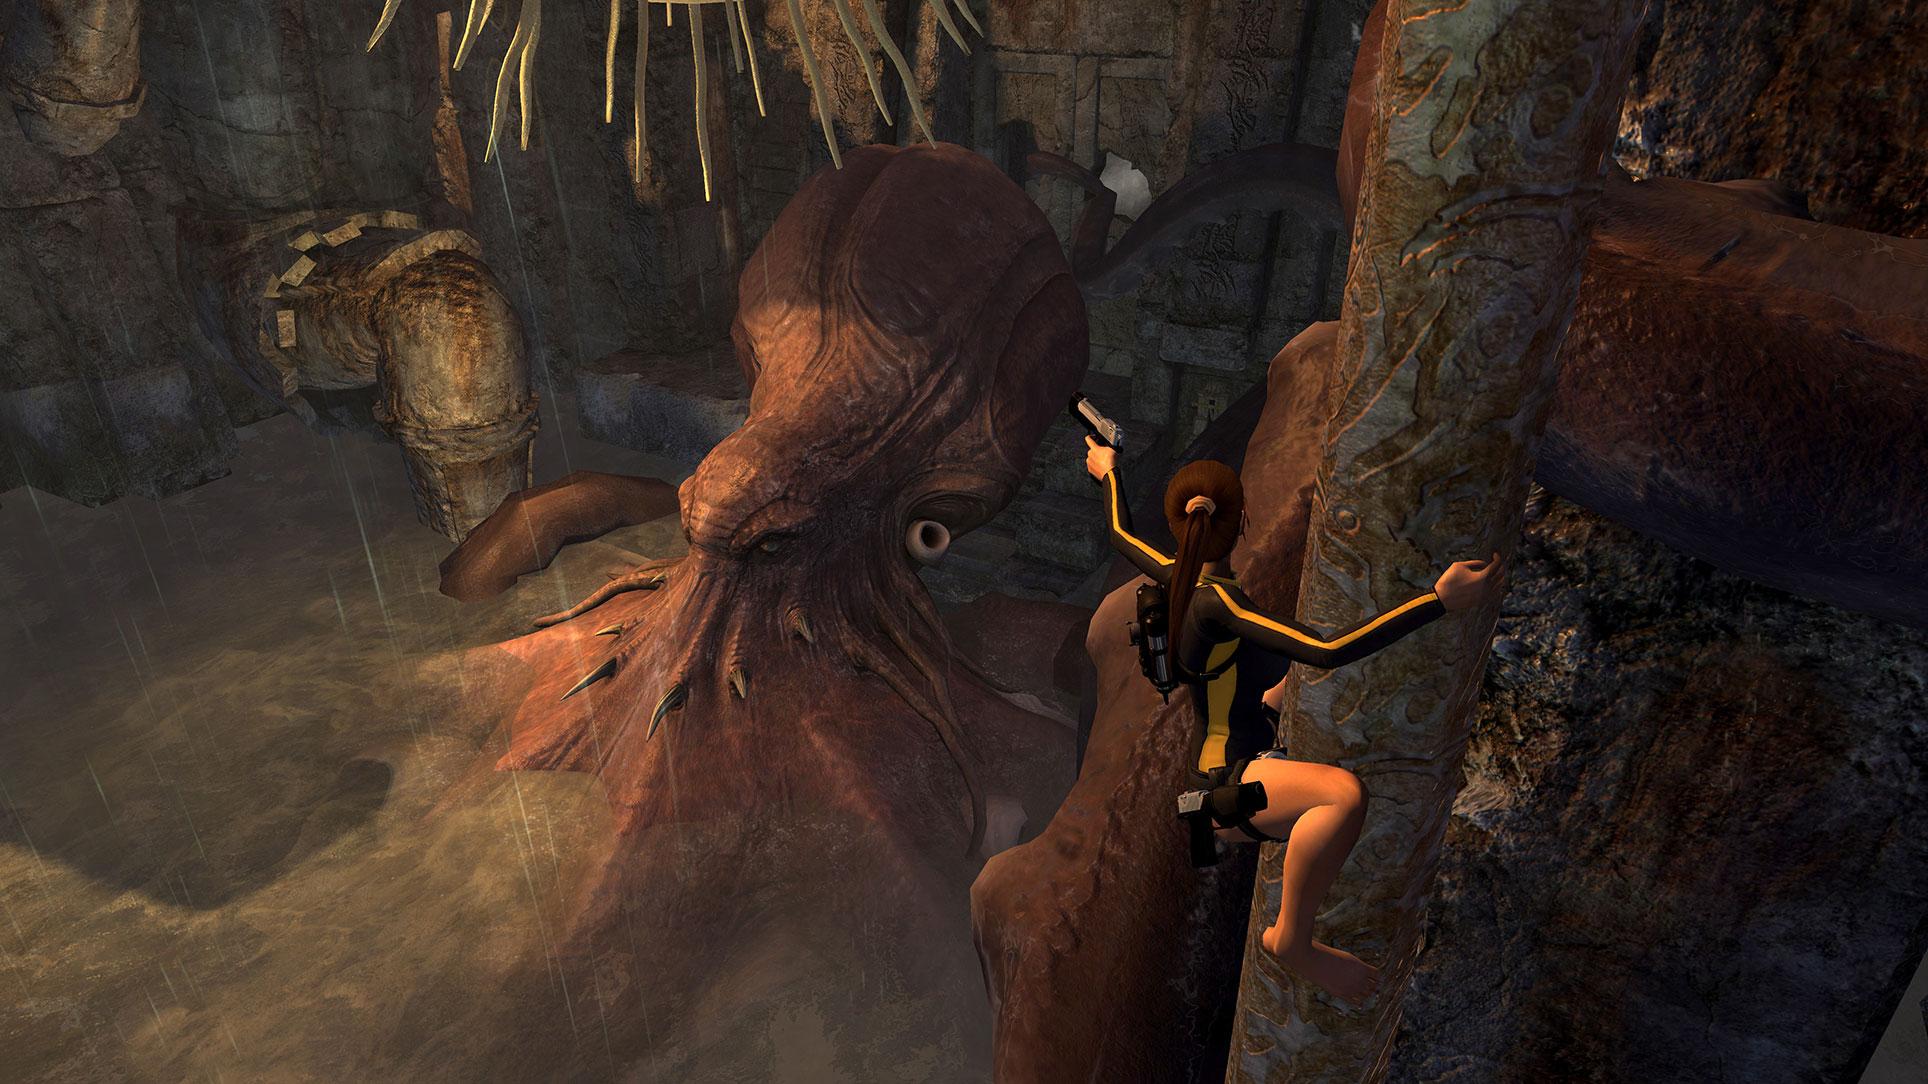 """Das dritte Lara-Croft-Abenteuer von Crystal Dynamics: """"Tomb Raider Underworld"""" von 2008. Wer die Archäologin begleiten will, muss sich allerdings beeilen: Nach dem 15. Januar verschwindet Lara wieder von der Gold-Agenda."""